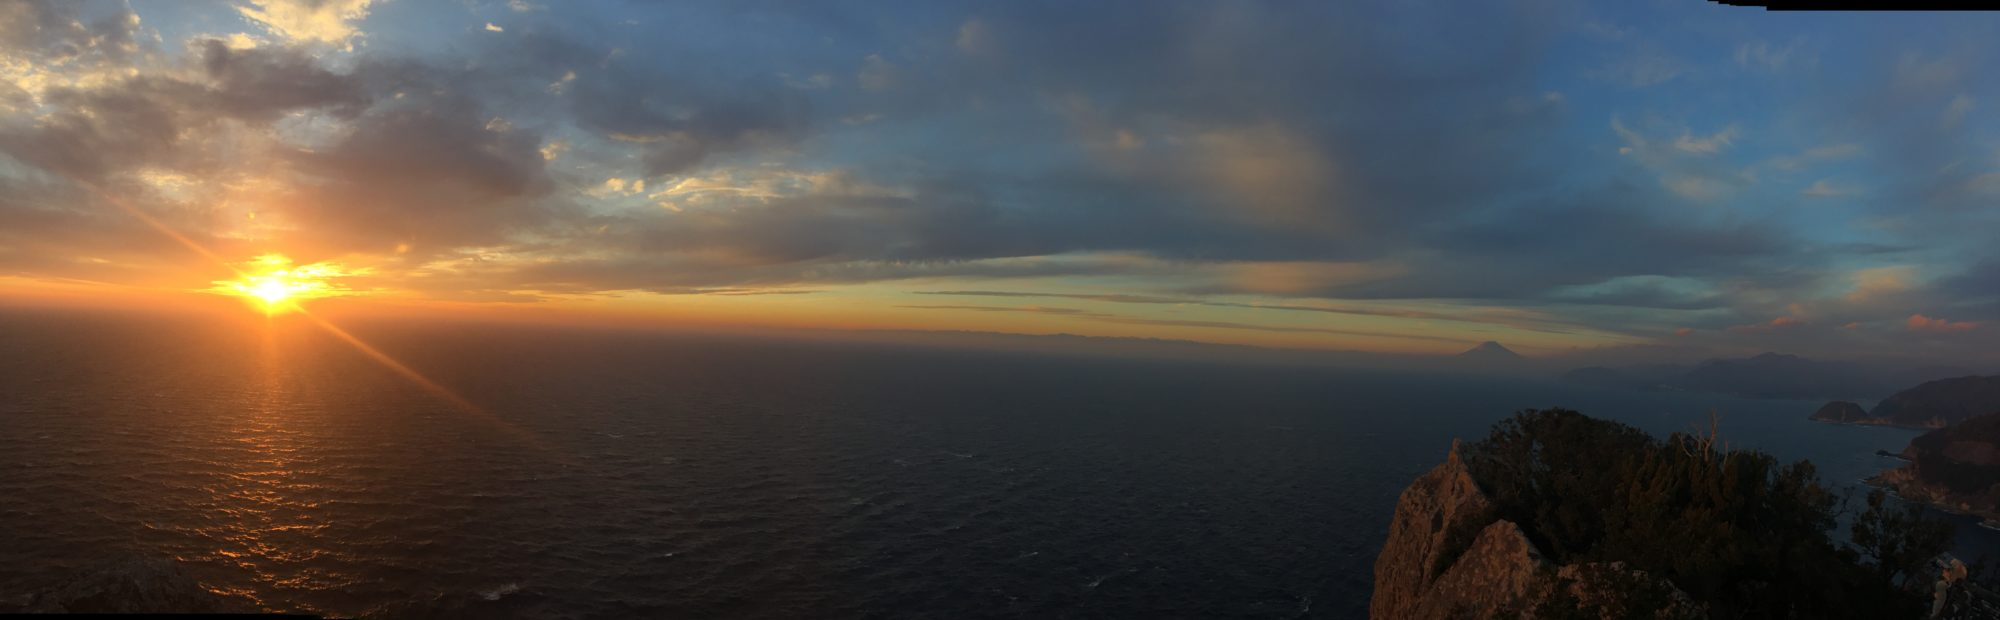 烏帽子山からの夕日と富士山